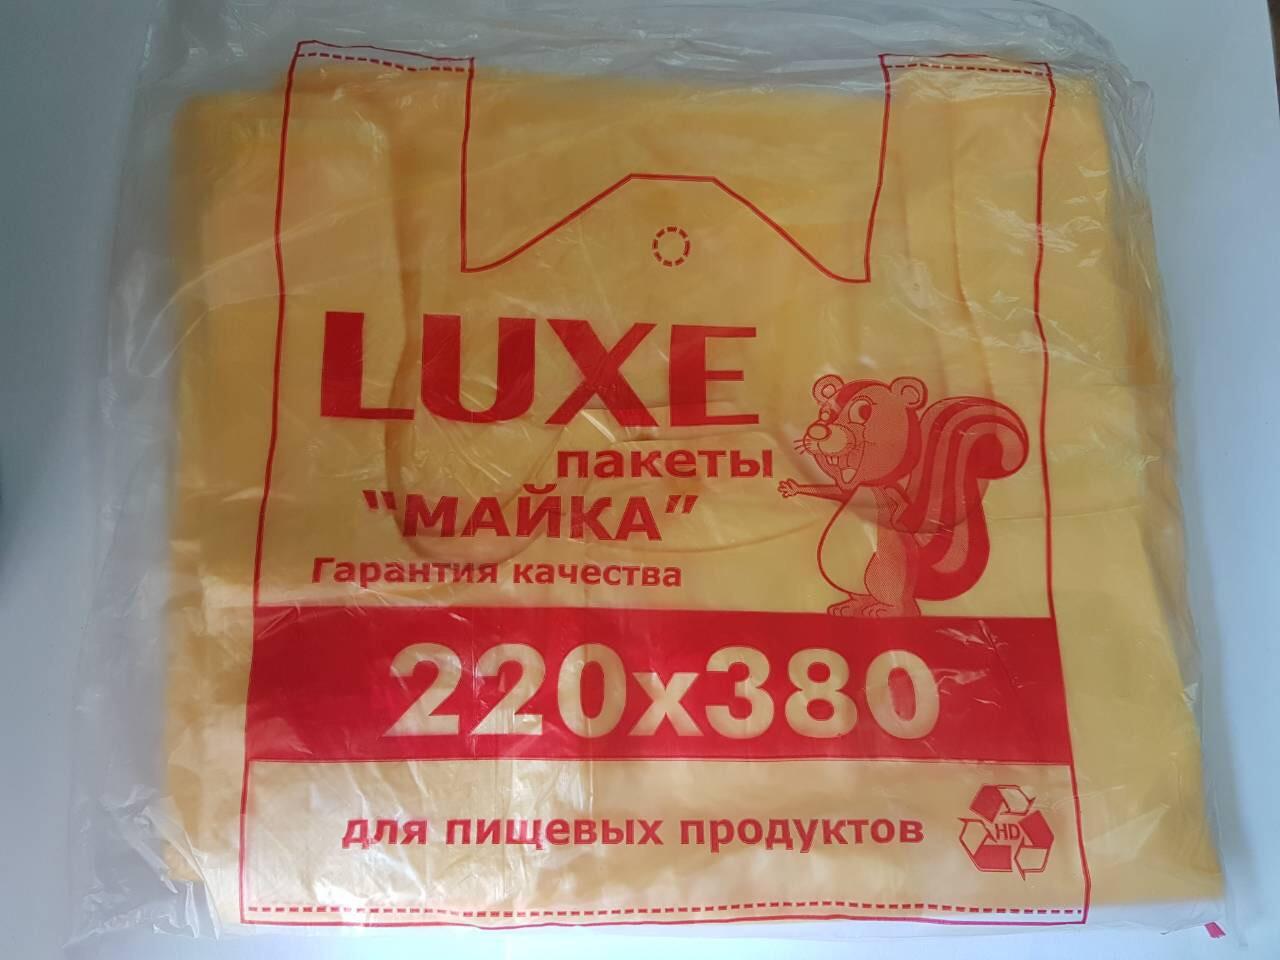 Пакет полиэтиленовый Майка LUXЕ 220*380мм (22*38) 100 шт/упаковка